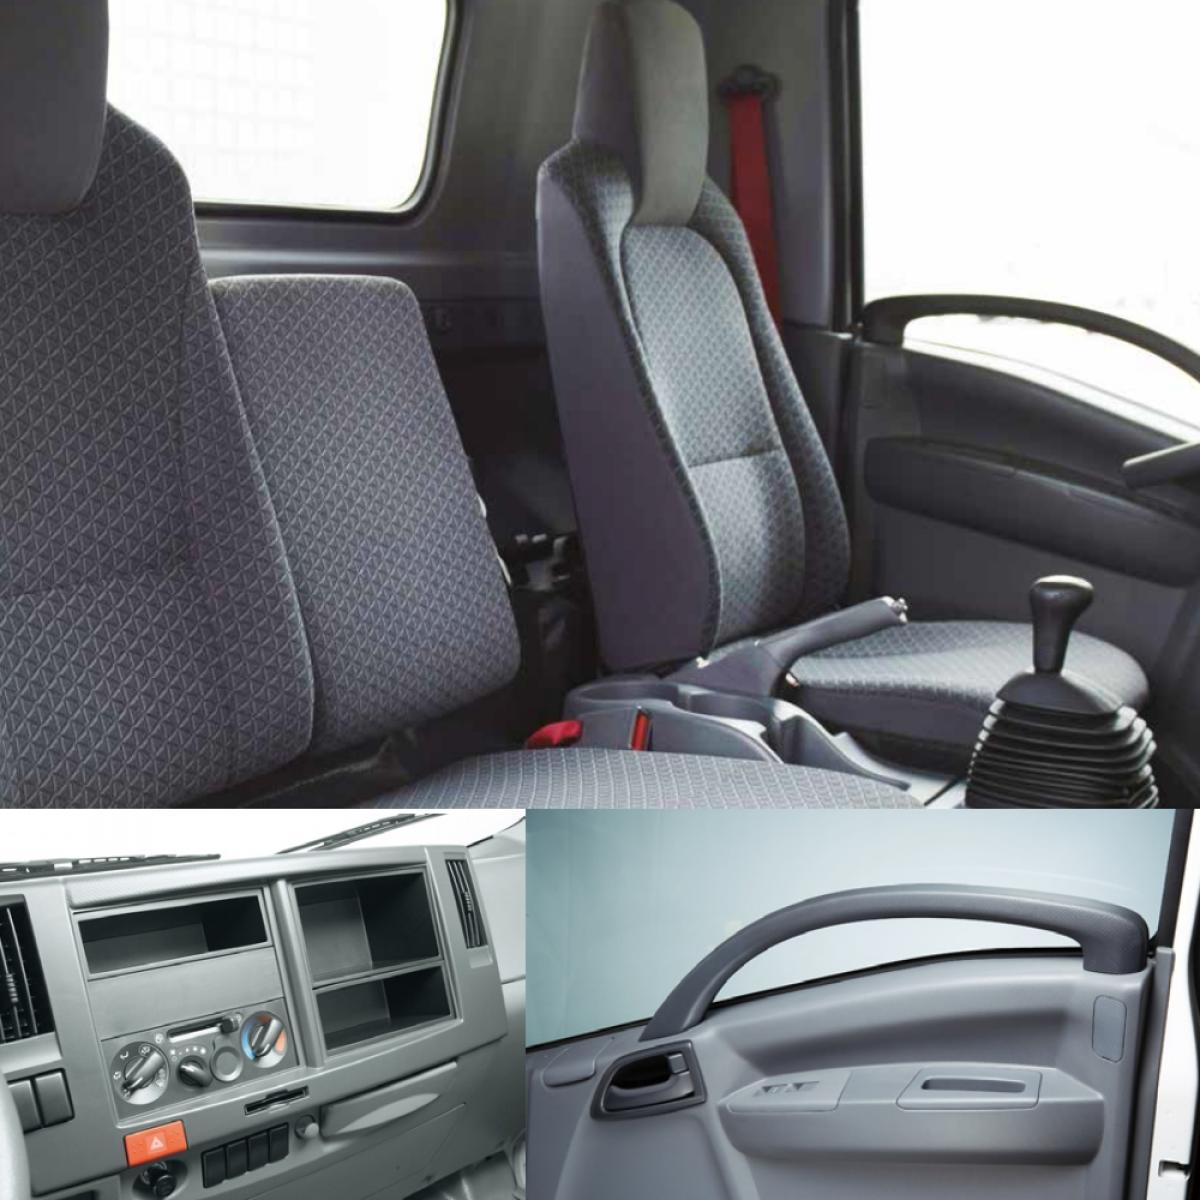 Isuzu M21 Large Double Cab Comfort